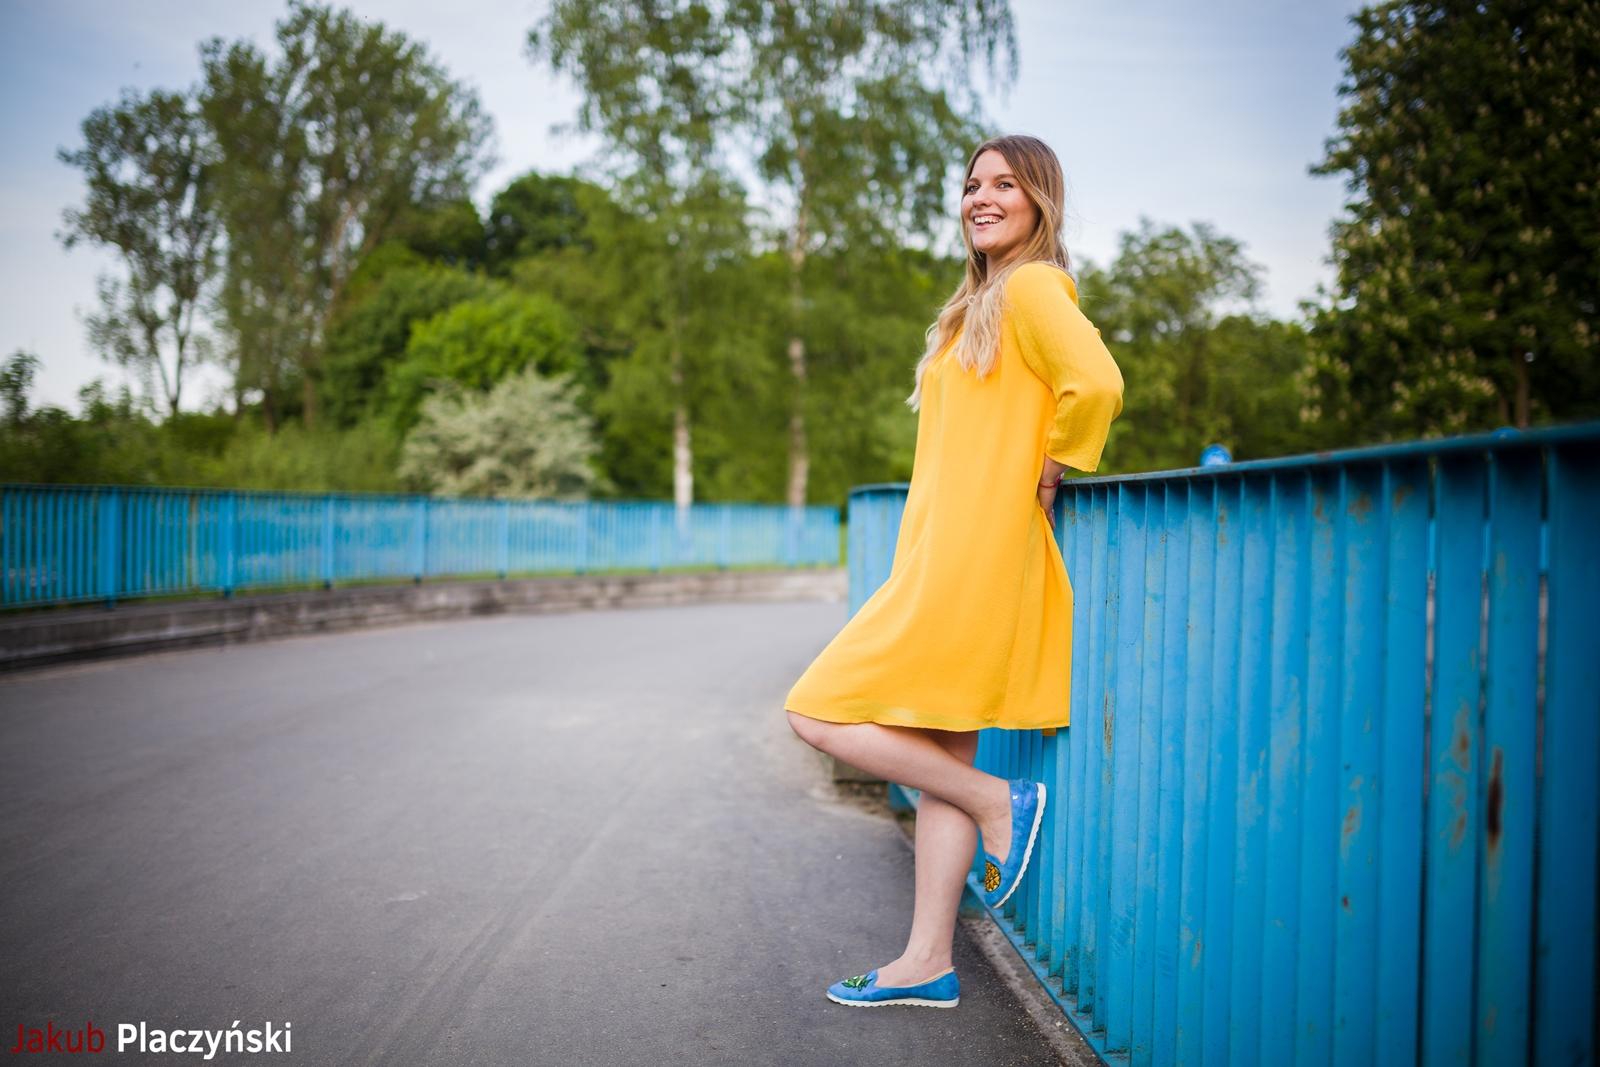 7 żółta sukienka na lato bonprix niebieskie espadryle z ananasem renee shoes reneegirls reneeshoes melodylaniella modnapolka lookbook ootd moda na lato biżuteria piotrowski swarovski